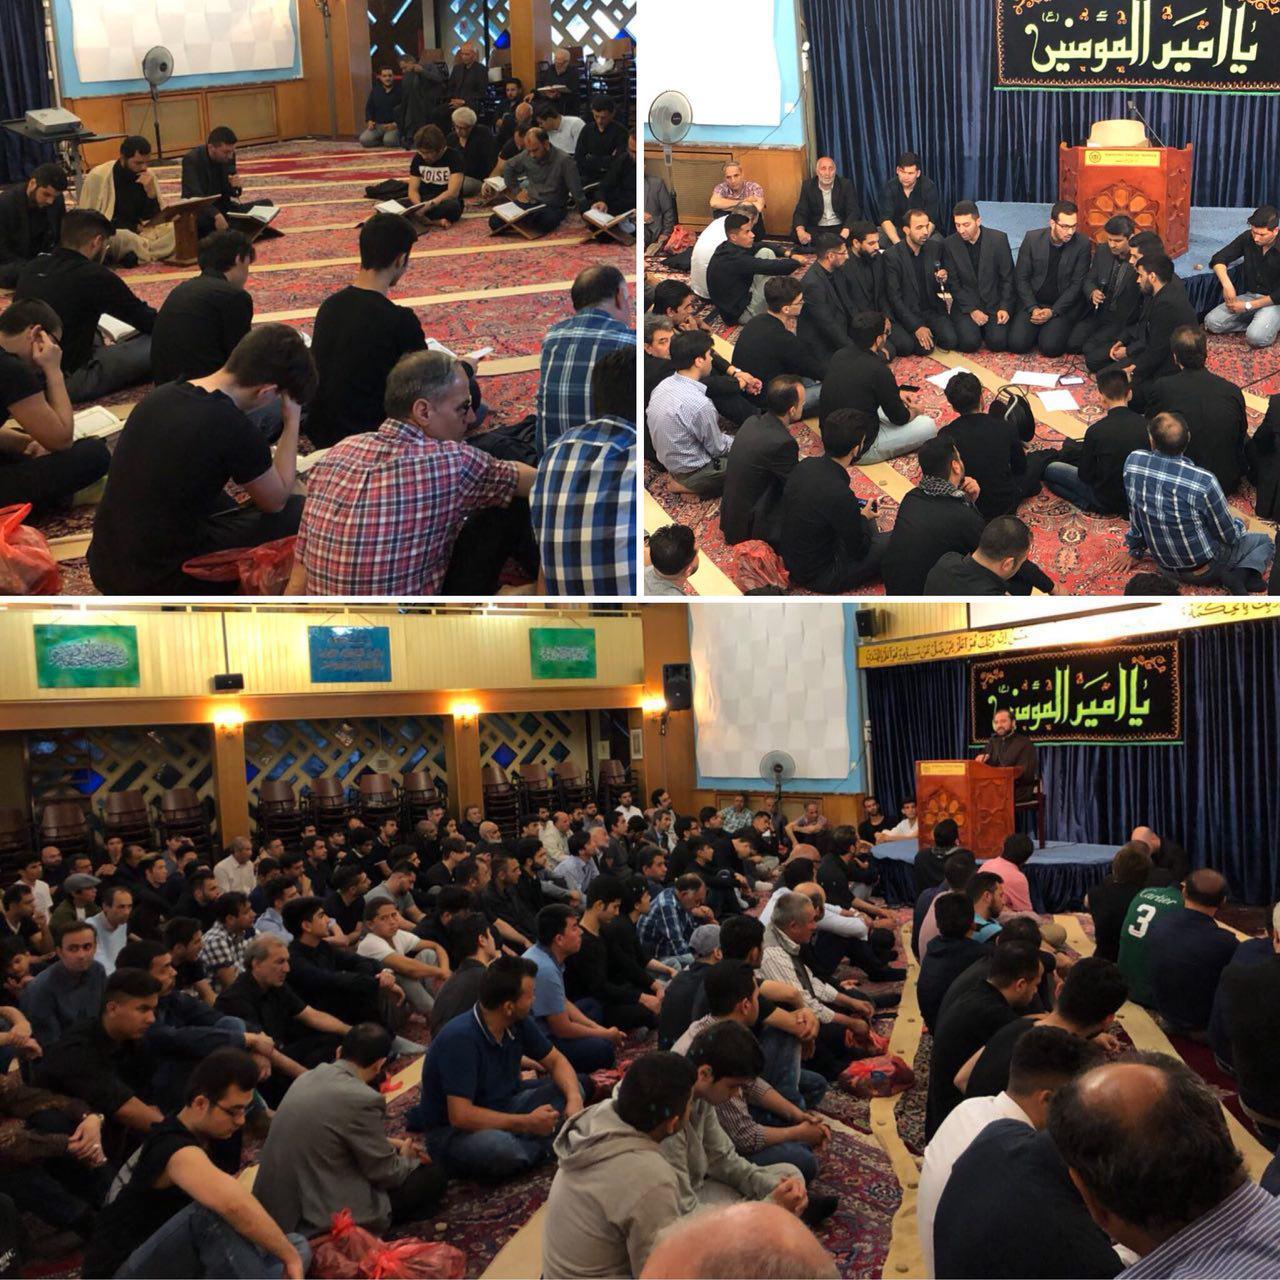 مراسم شب بیست و یکم ماه مبارک رمضان در مرکز اسلامی هامبورگ برگزار شد